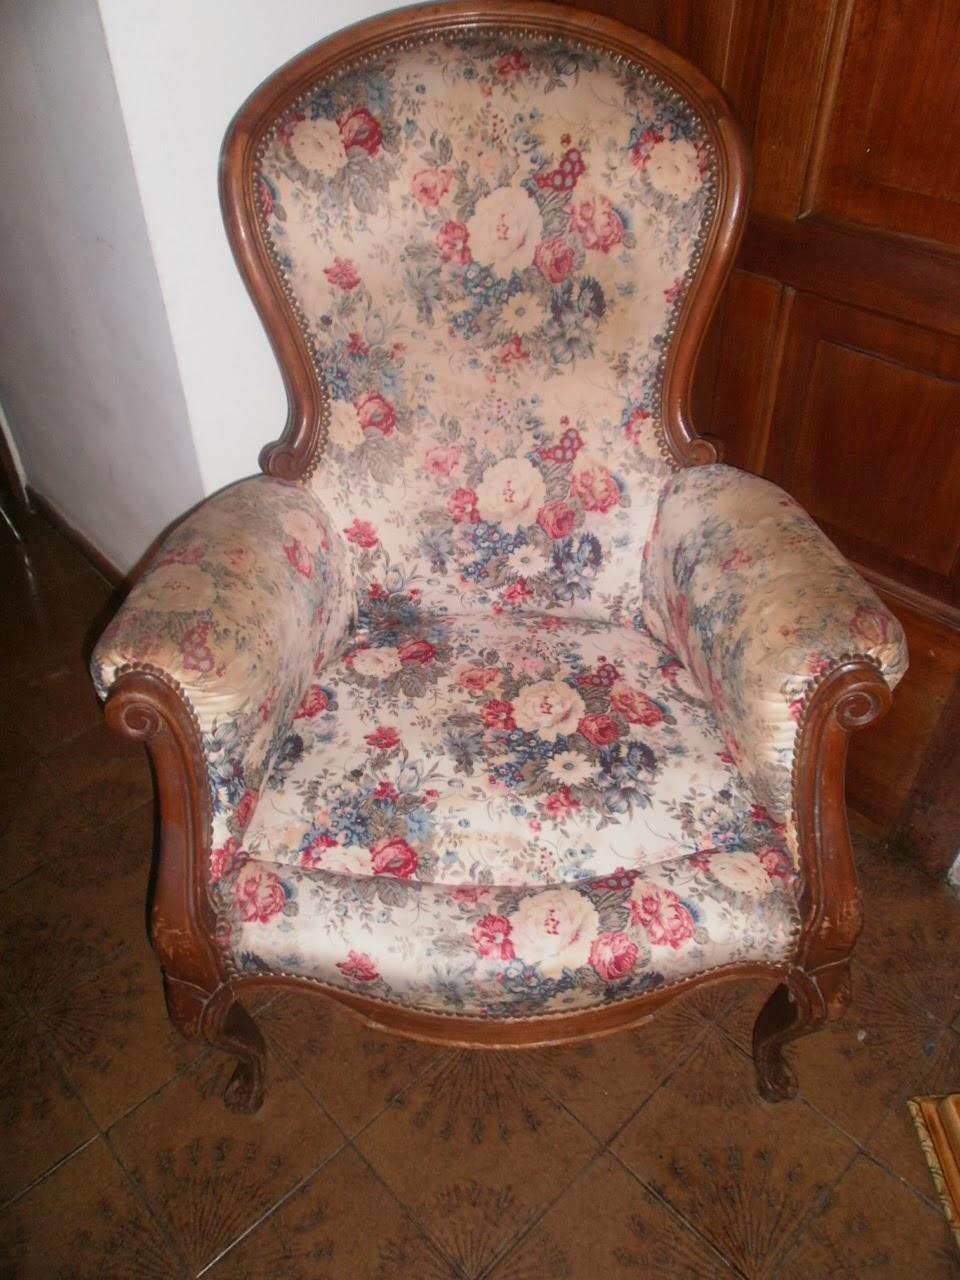 El motivo antig edades restauraci n de sillones de estilo for Sillones de estilo